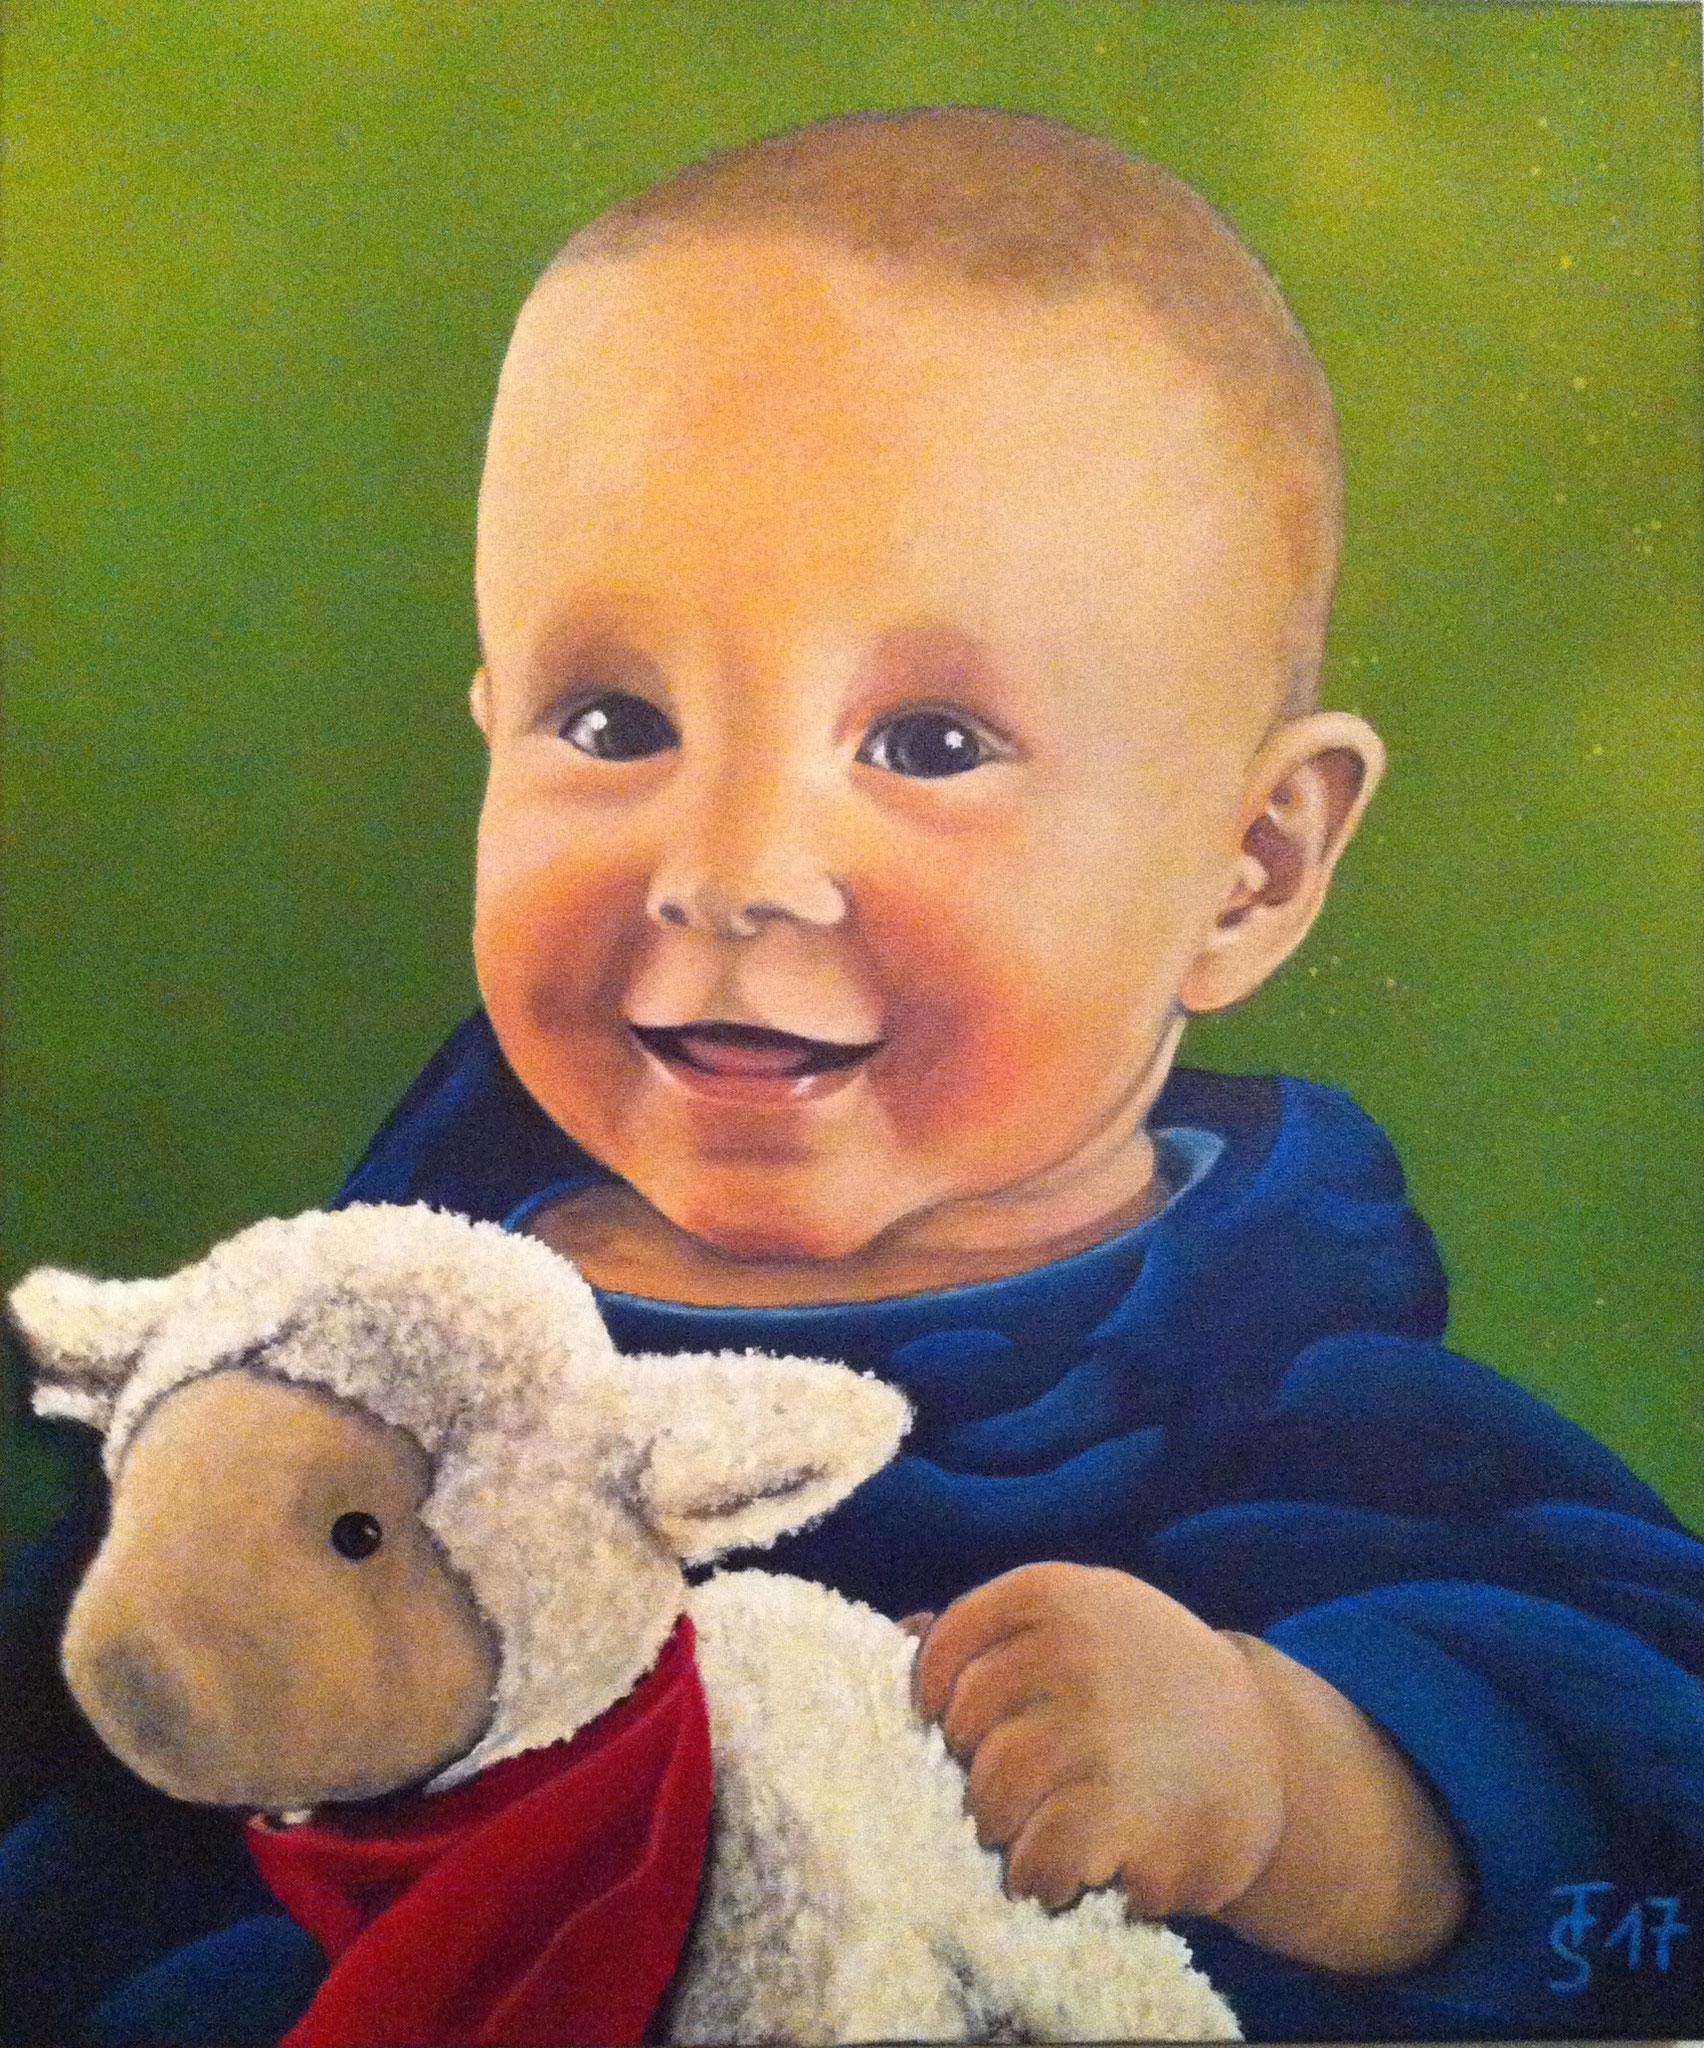 Jonas   _   (Acryl auf Leinwand, 50 x 60 cm)